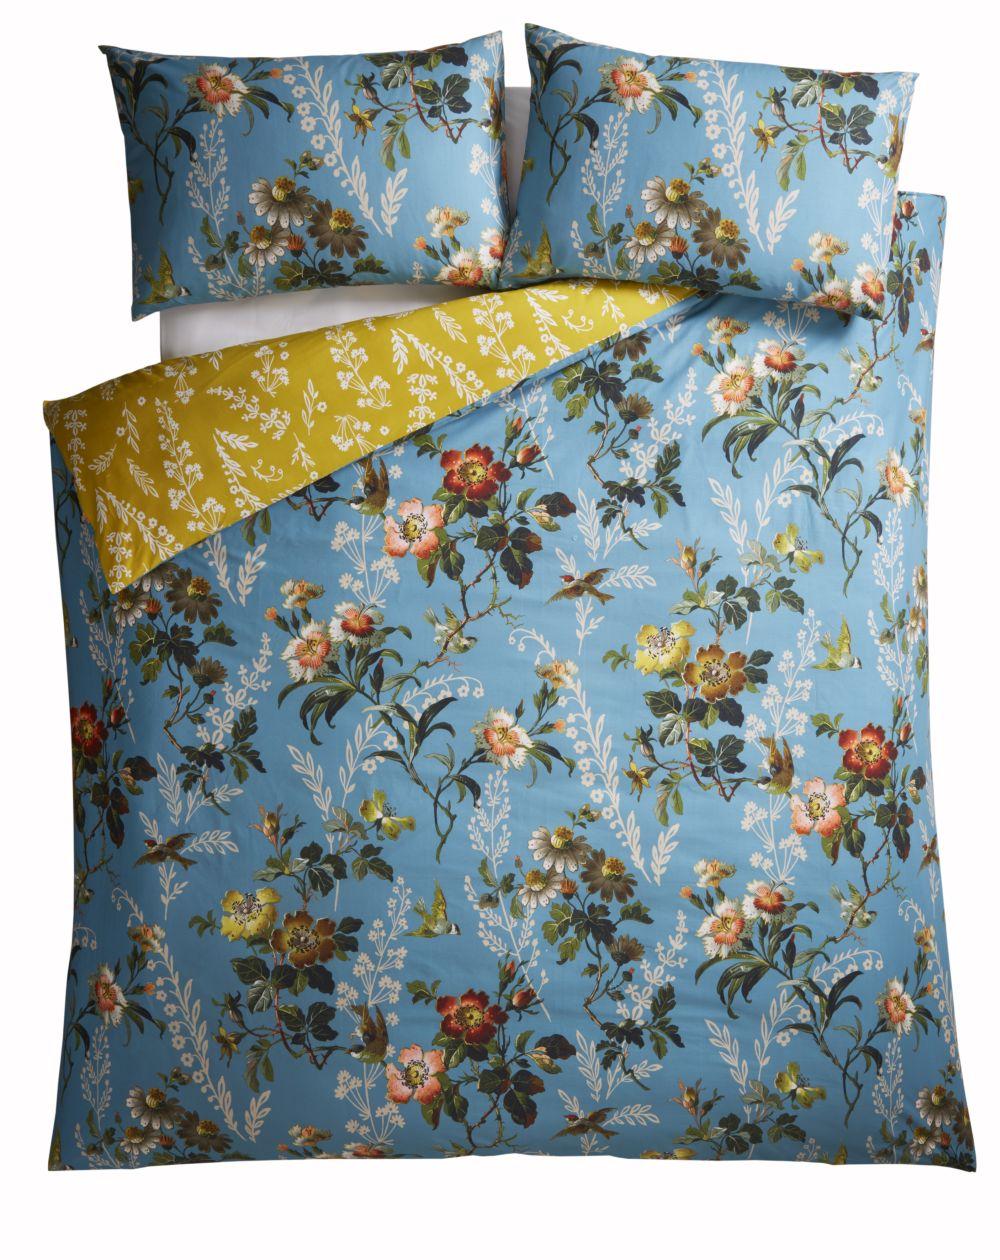 Oasis Leighton Duvet Set Teal Duvet Cover - Product code: M0011/01/SK